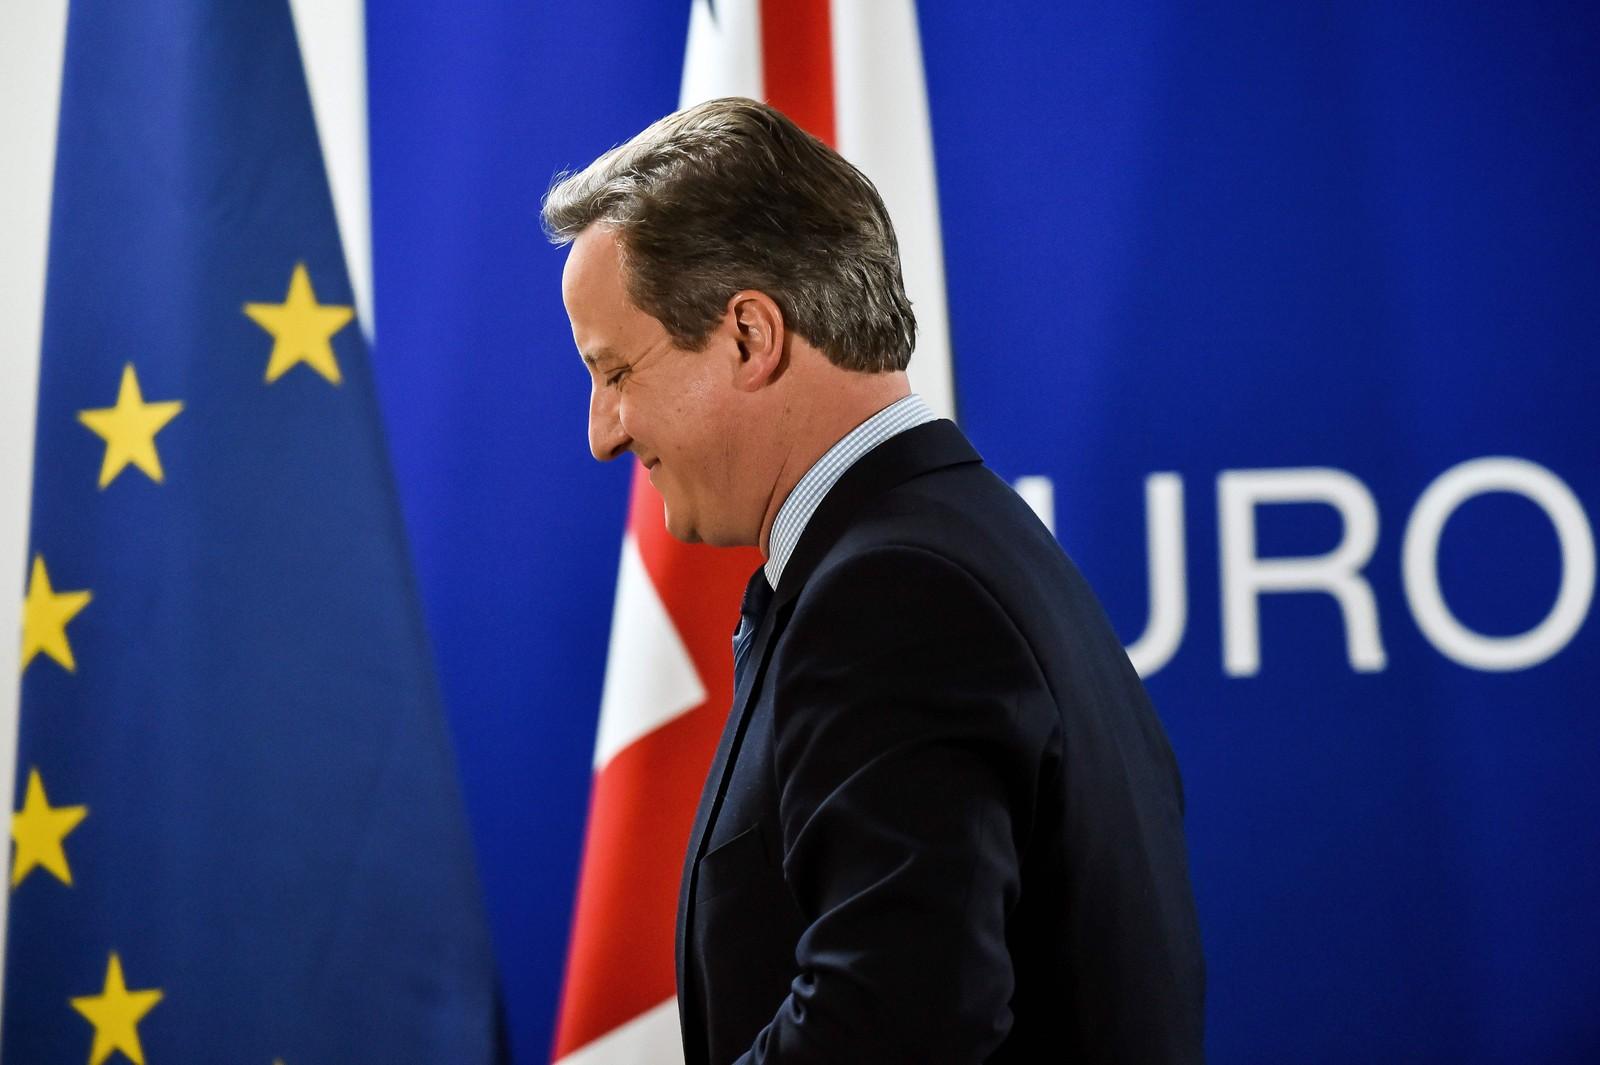 Den britiske statsministeren, David Cameron, forlater en pressekonferanse etter EU-toppmøtet i Brüssel.